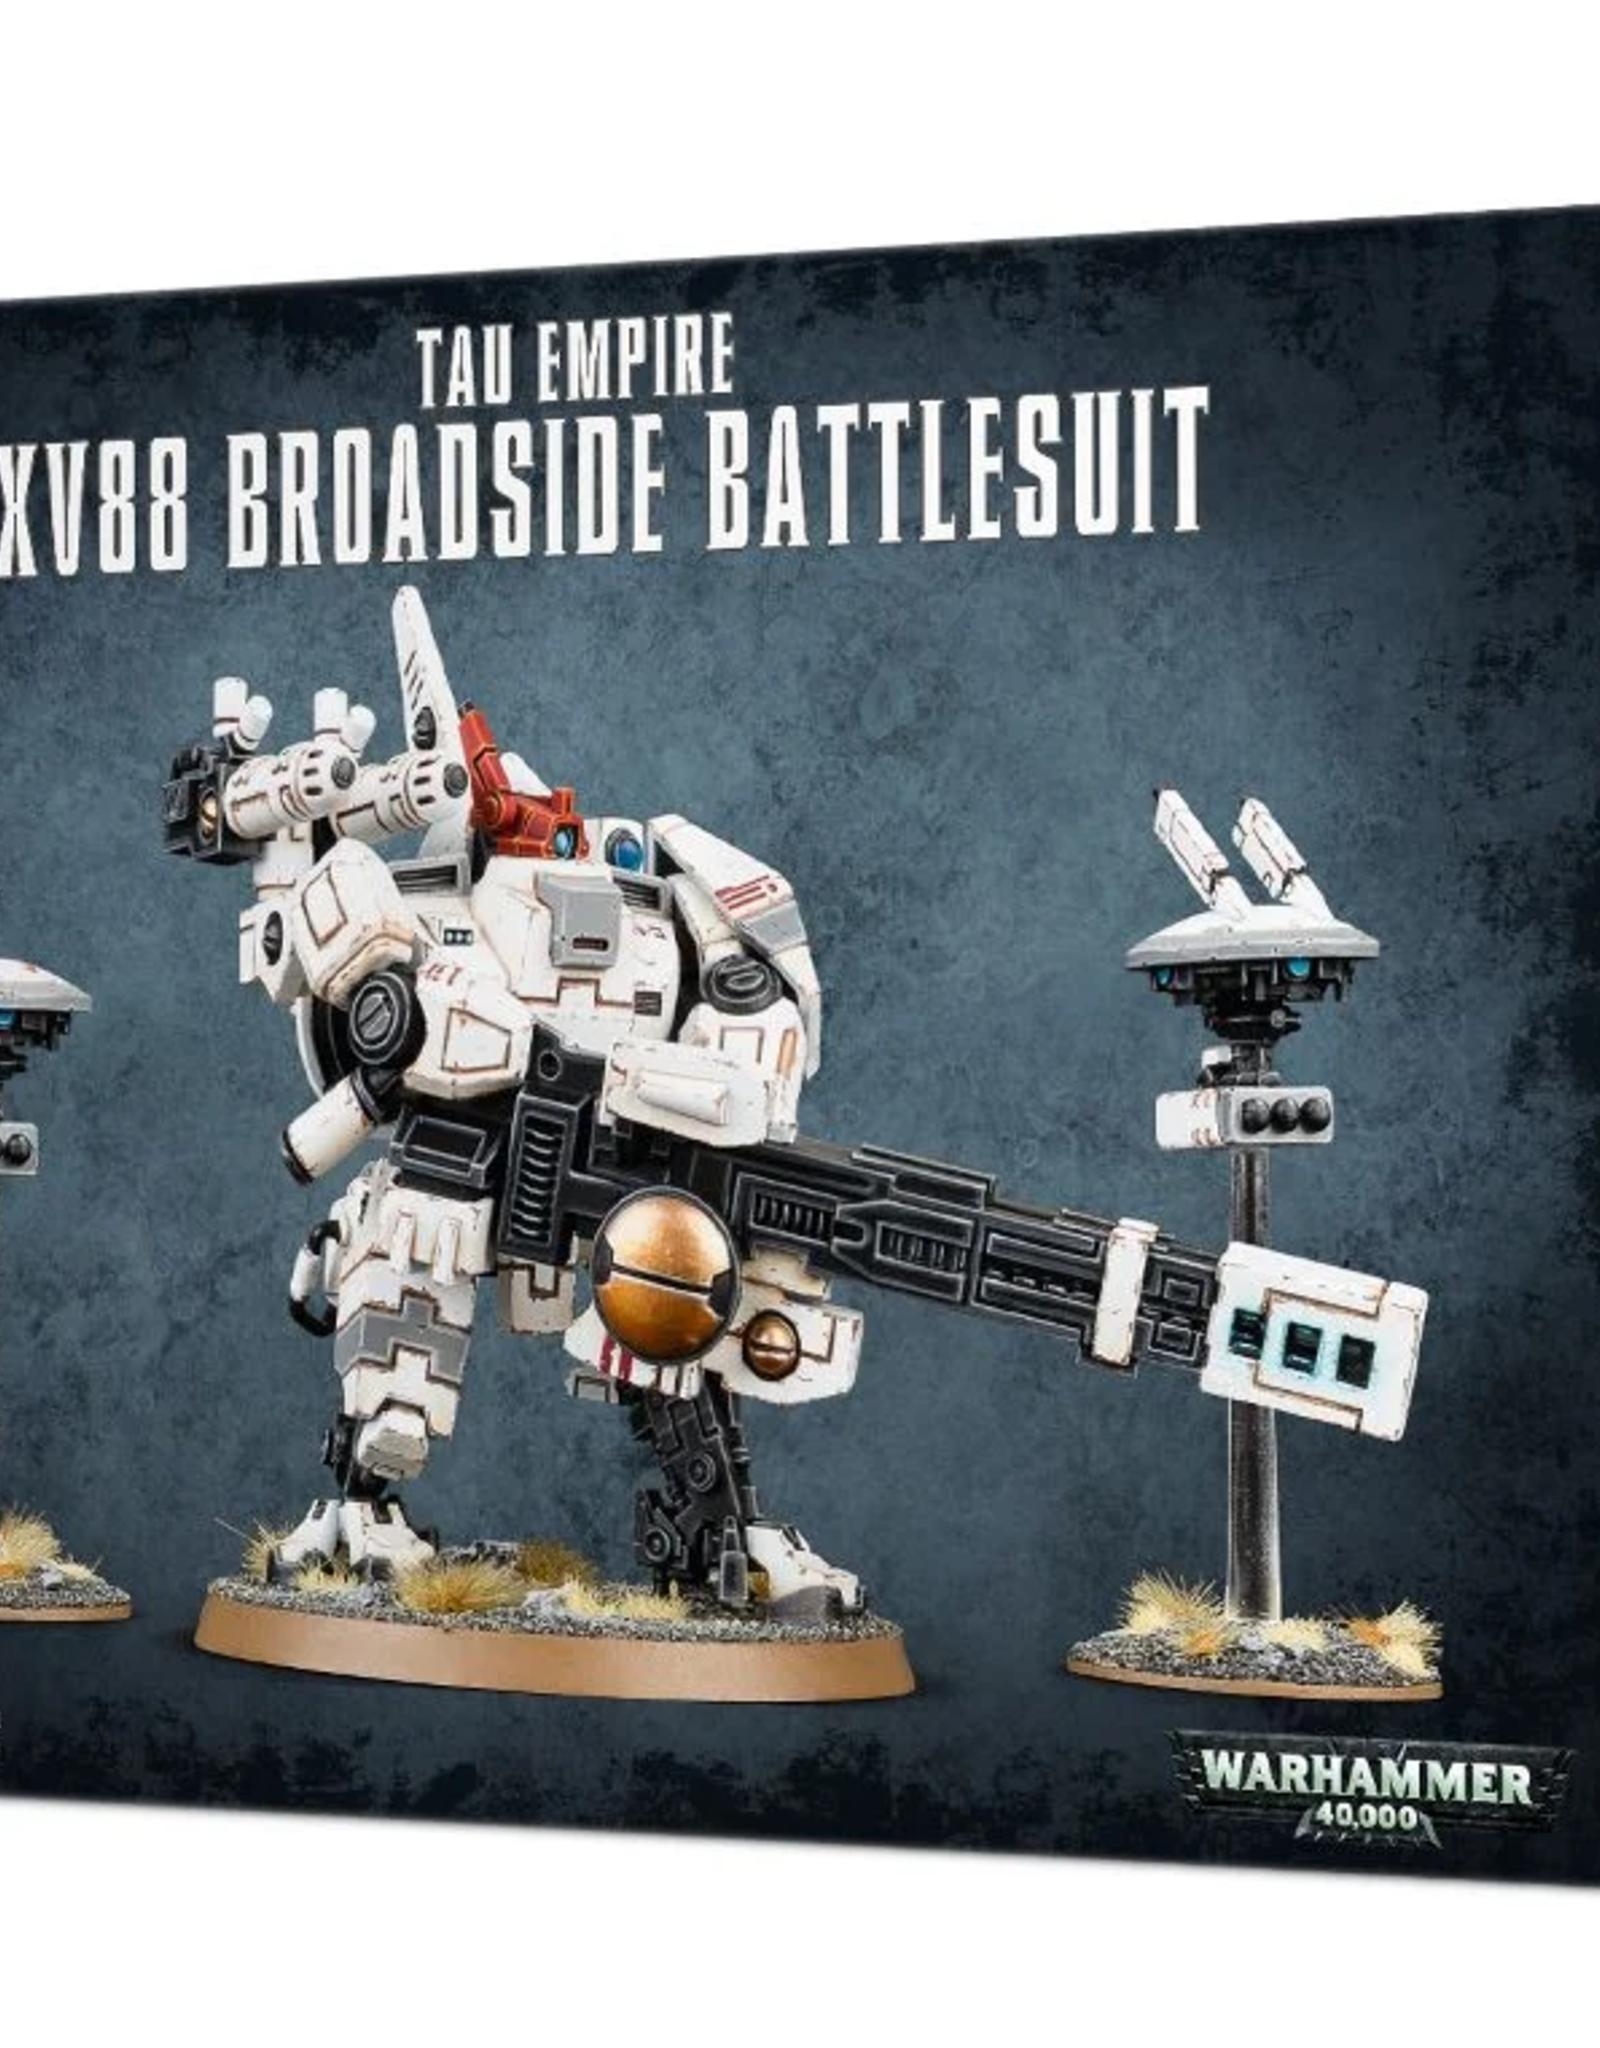 Games Workshop Tau: XV88 Broadside Battlesuit